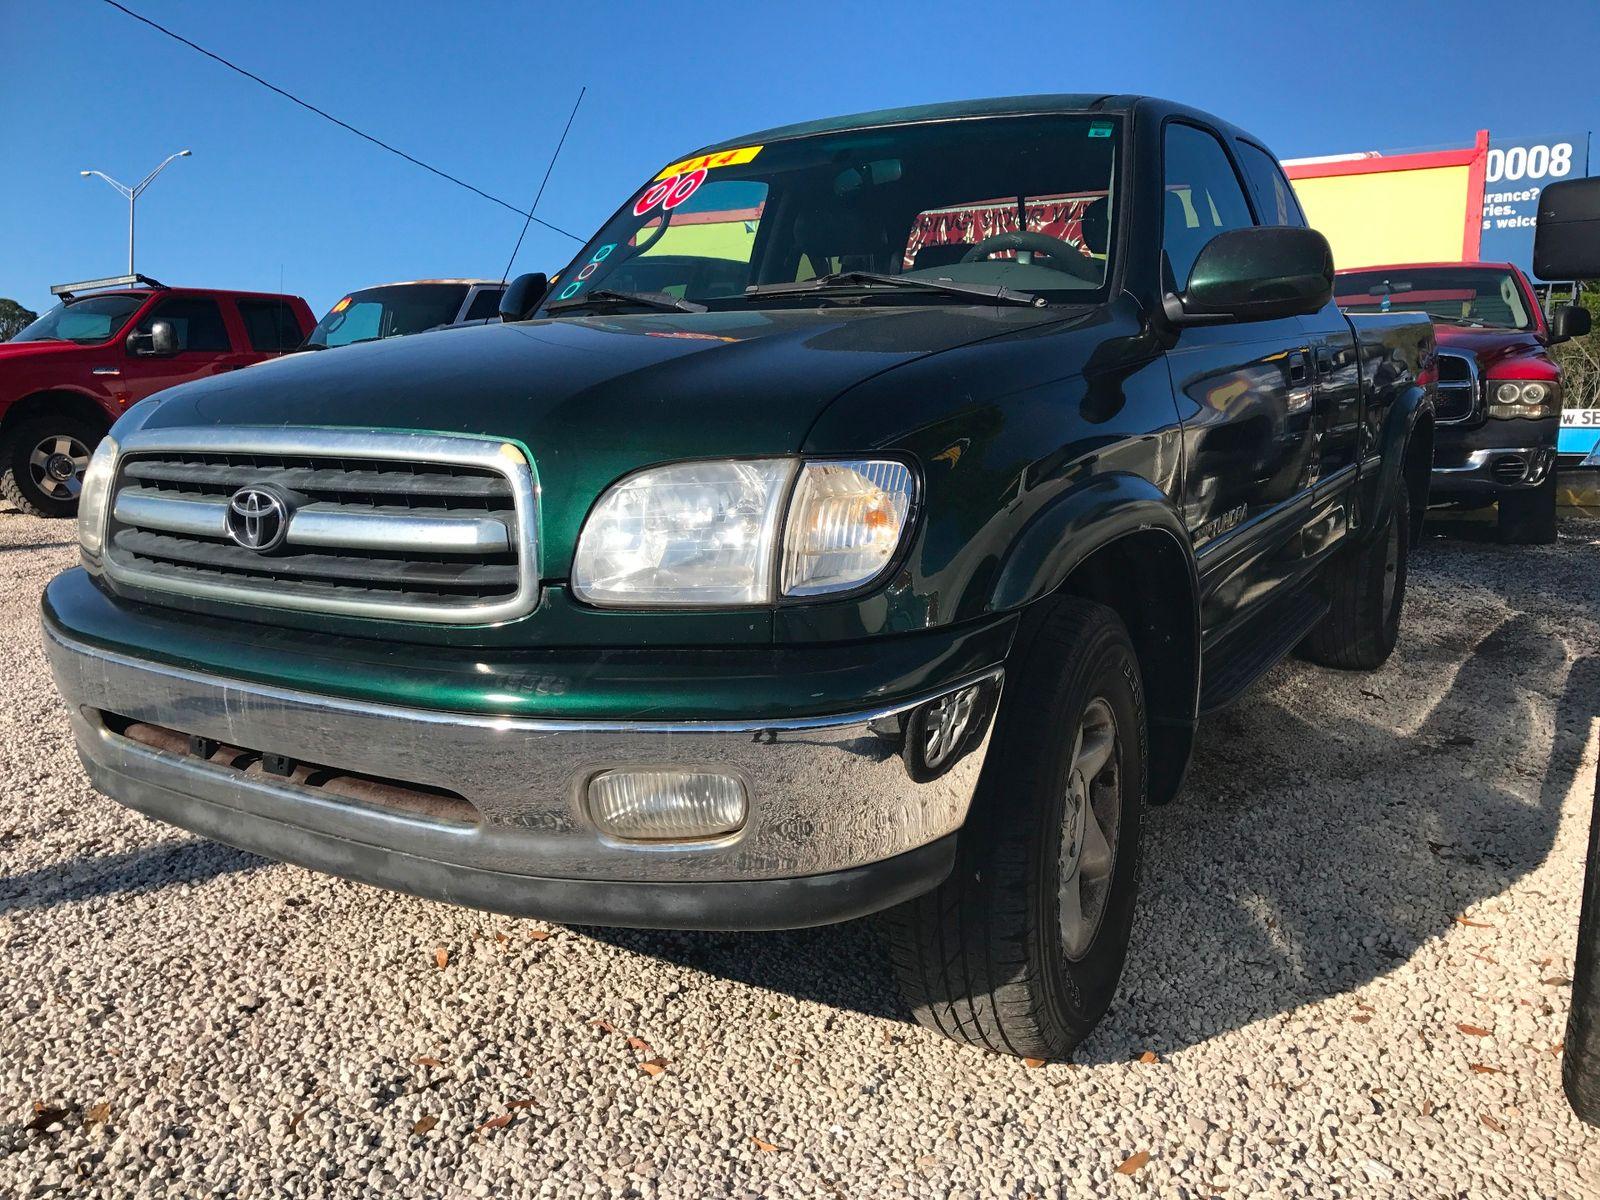 details corolla nc jacksonville used l vehicle id toyota